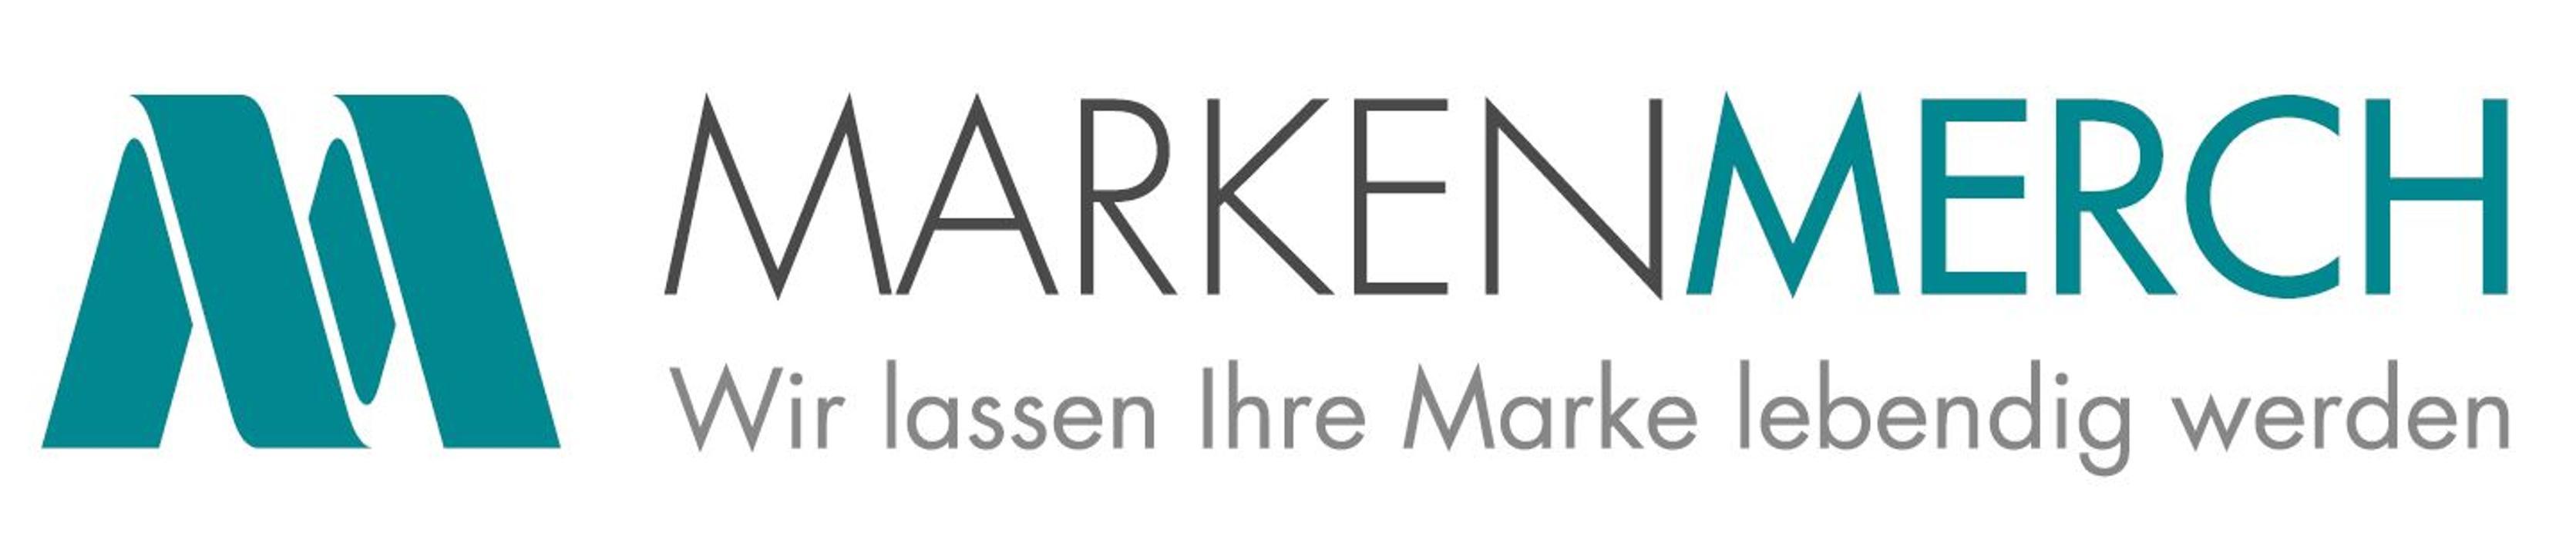 Bild zu MARKENmerch GmbH & Co. KG in Mönchengladbach